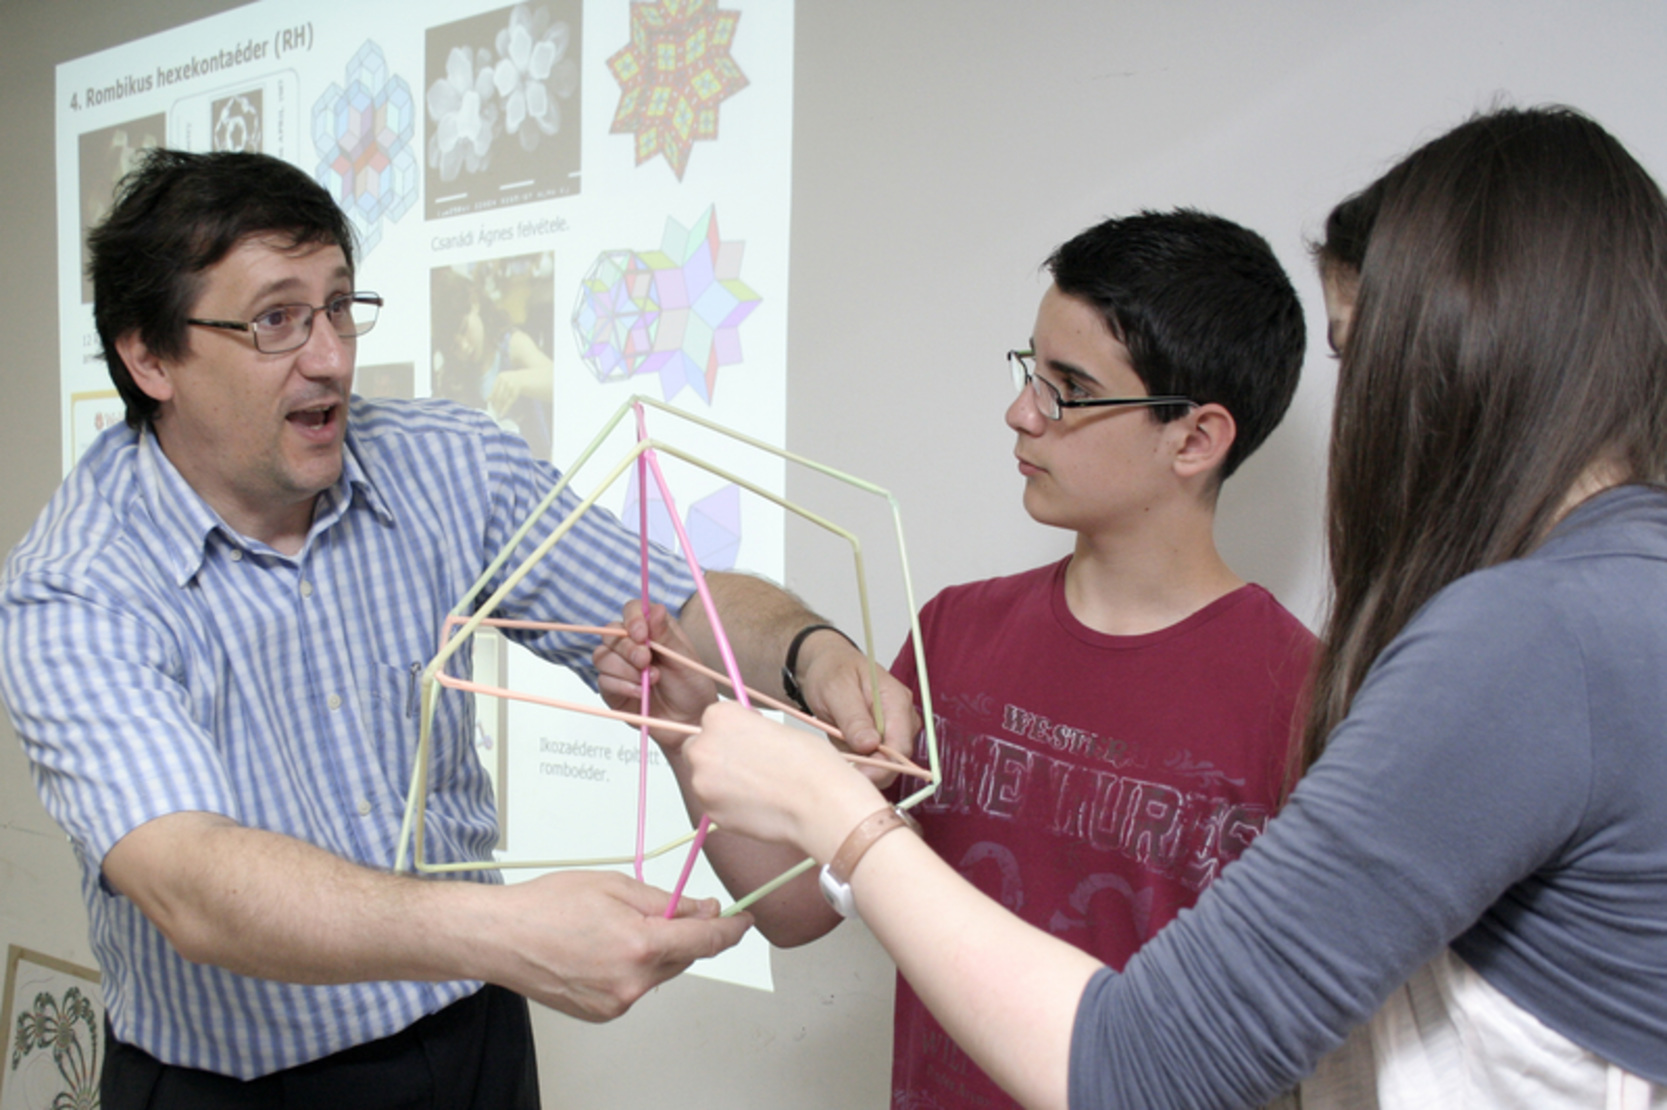 Holló-Szabó Ferenc, a Magyar Matematikai Múzeum vezetője akcióban